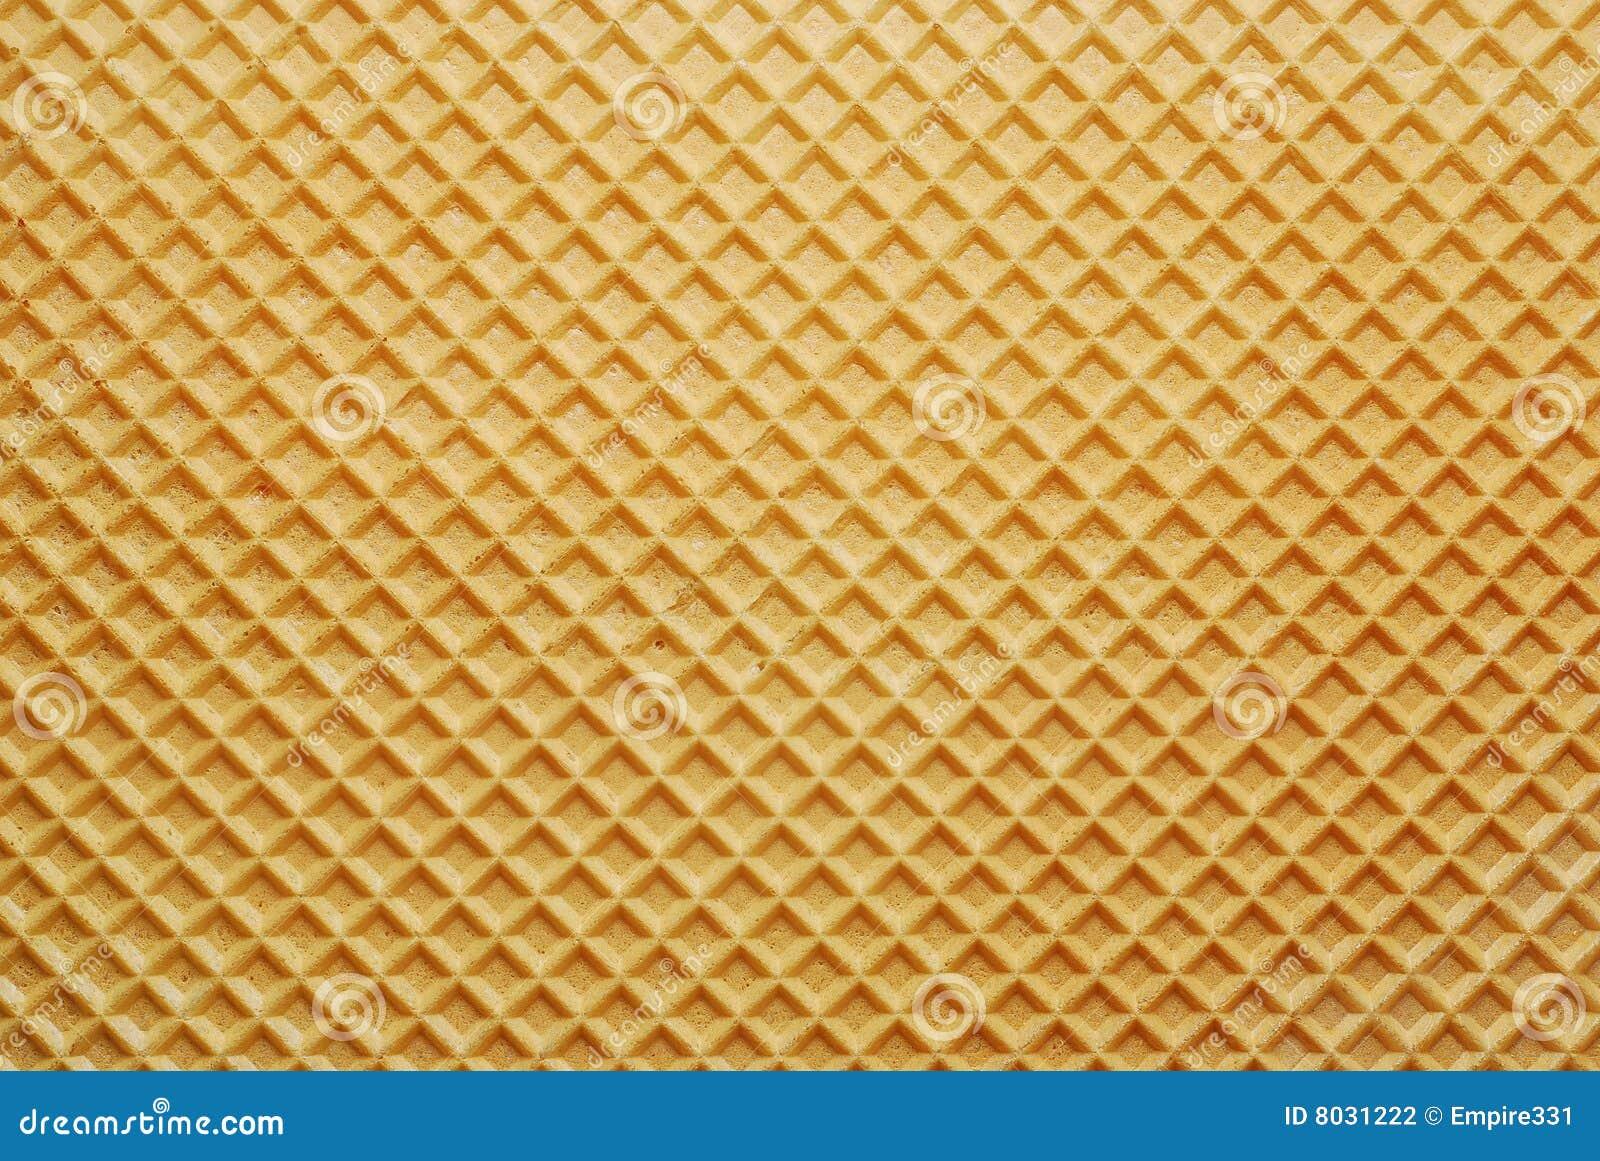 Textura del fondo de la oblea